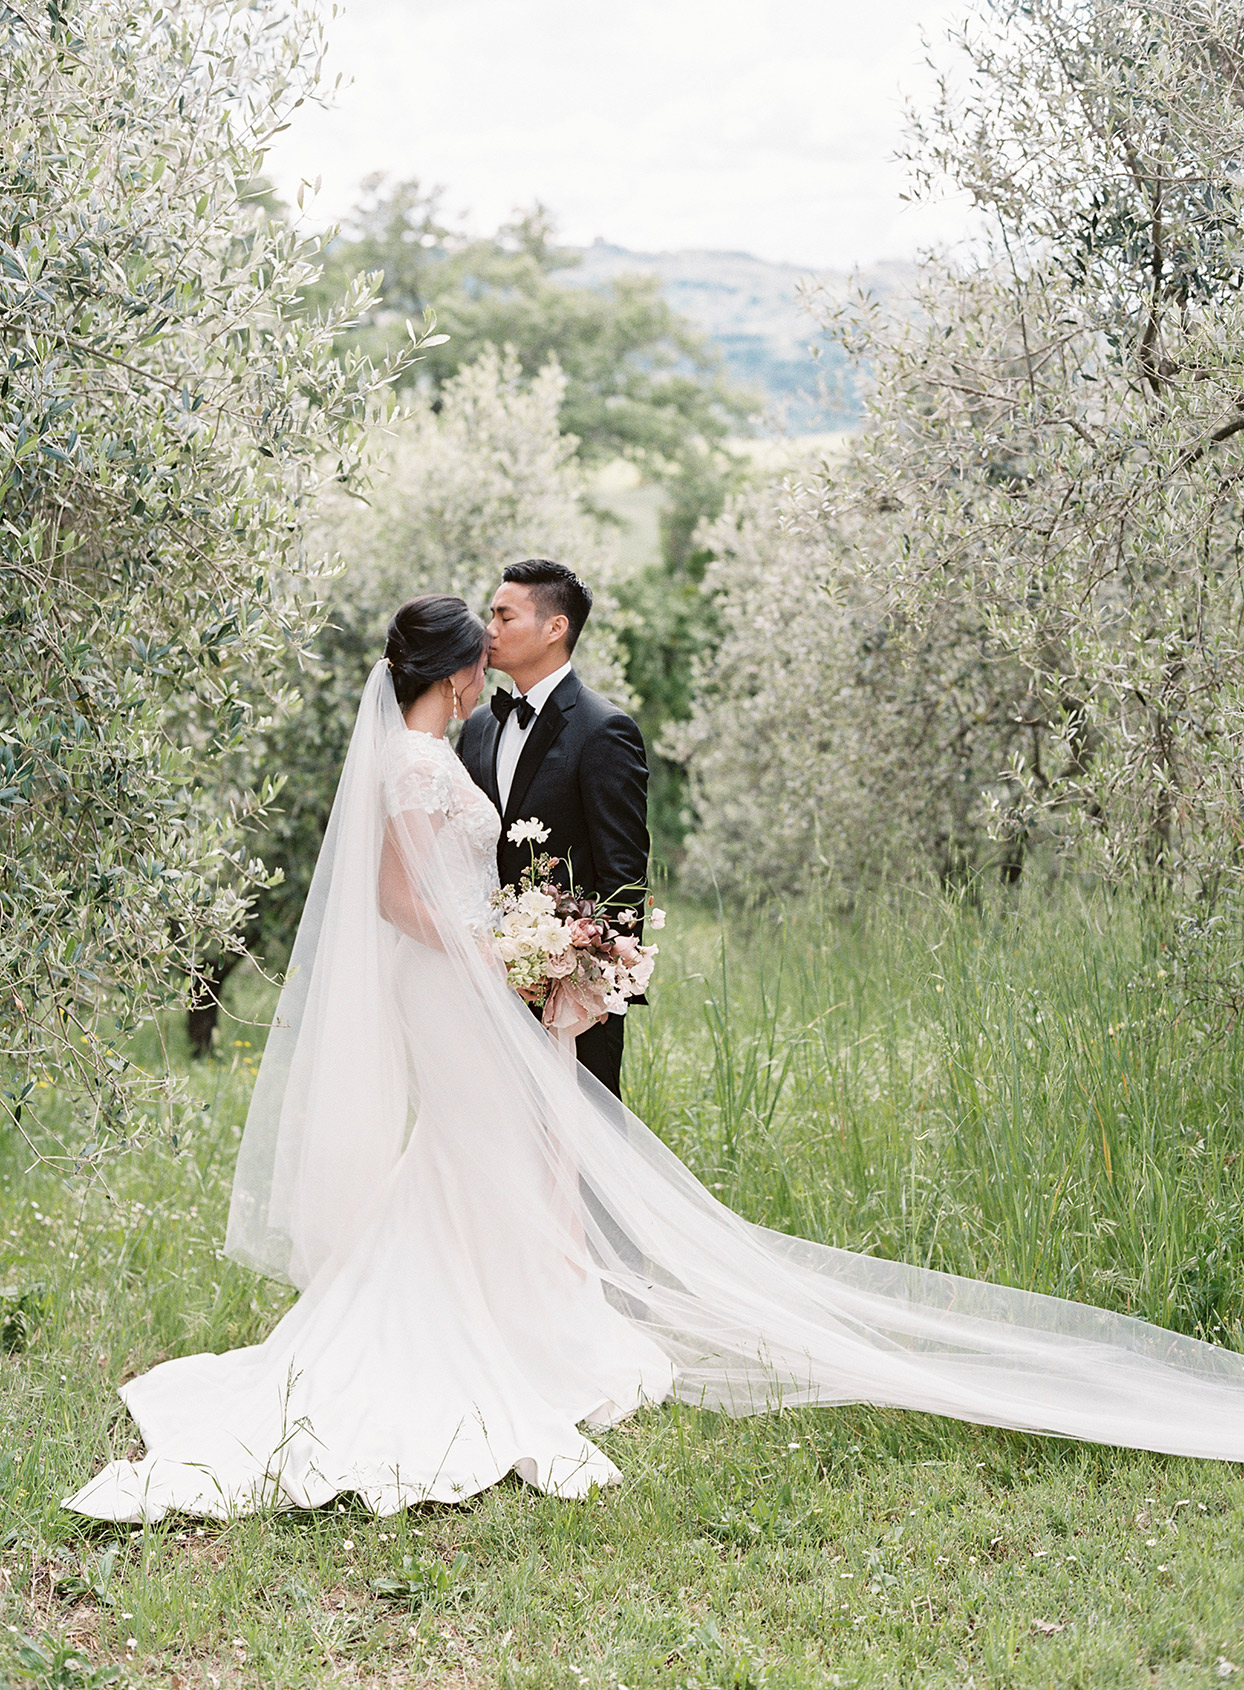 jen alan wedding couple kiss